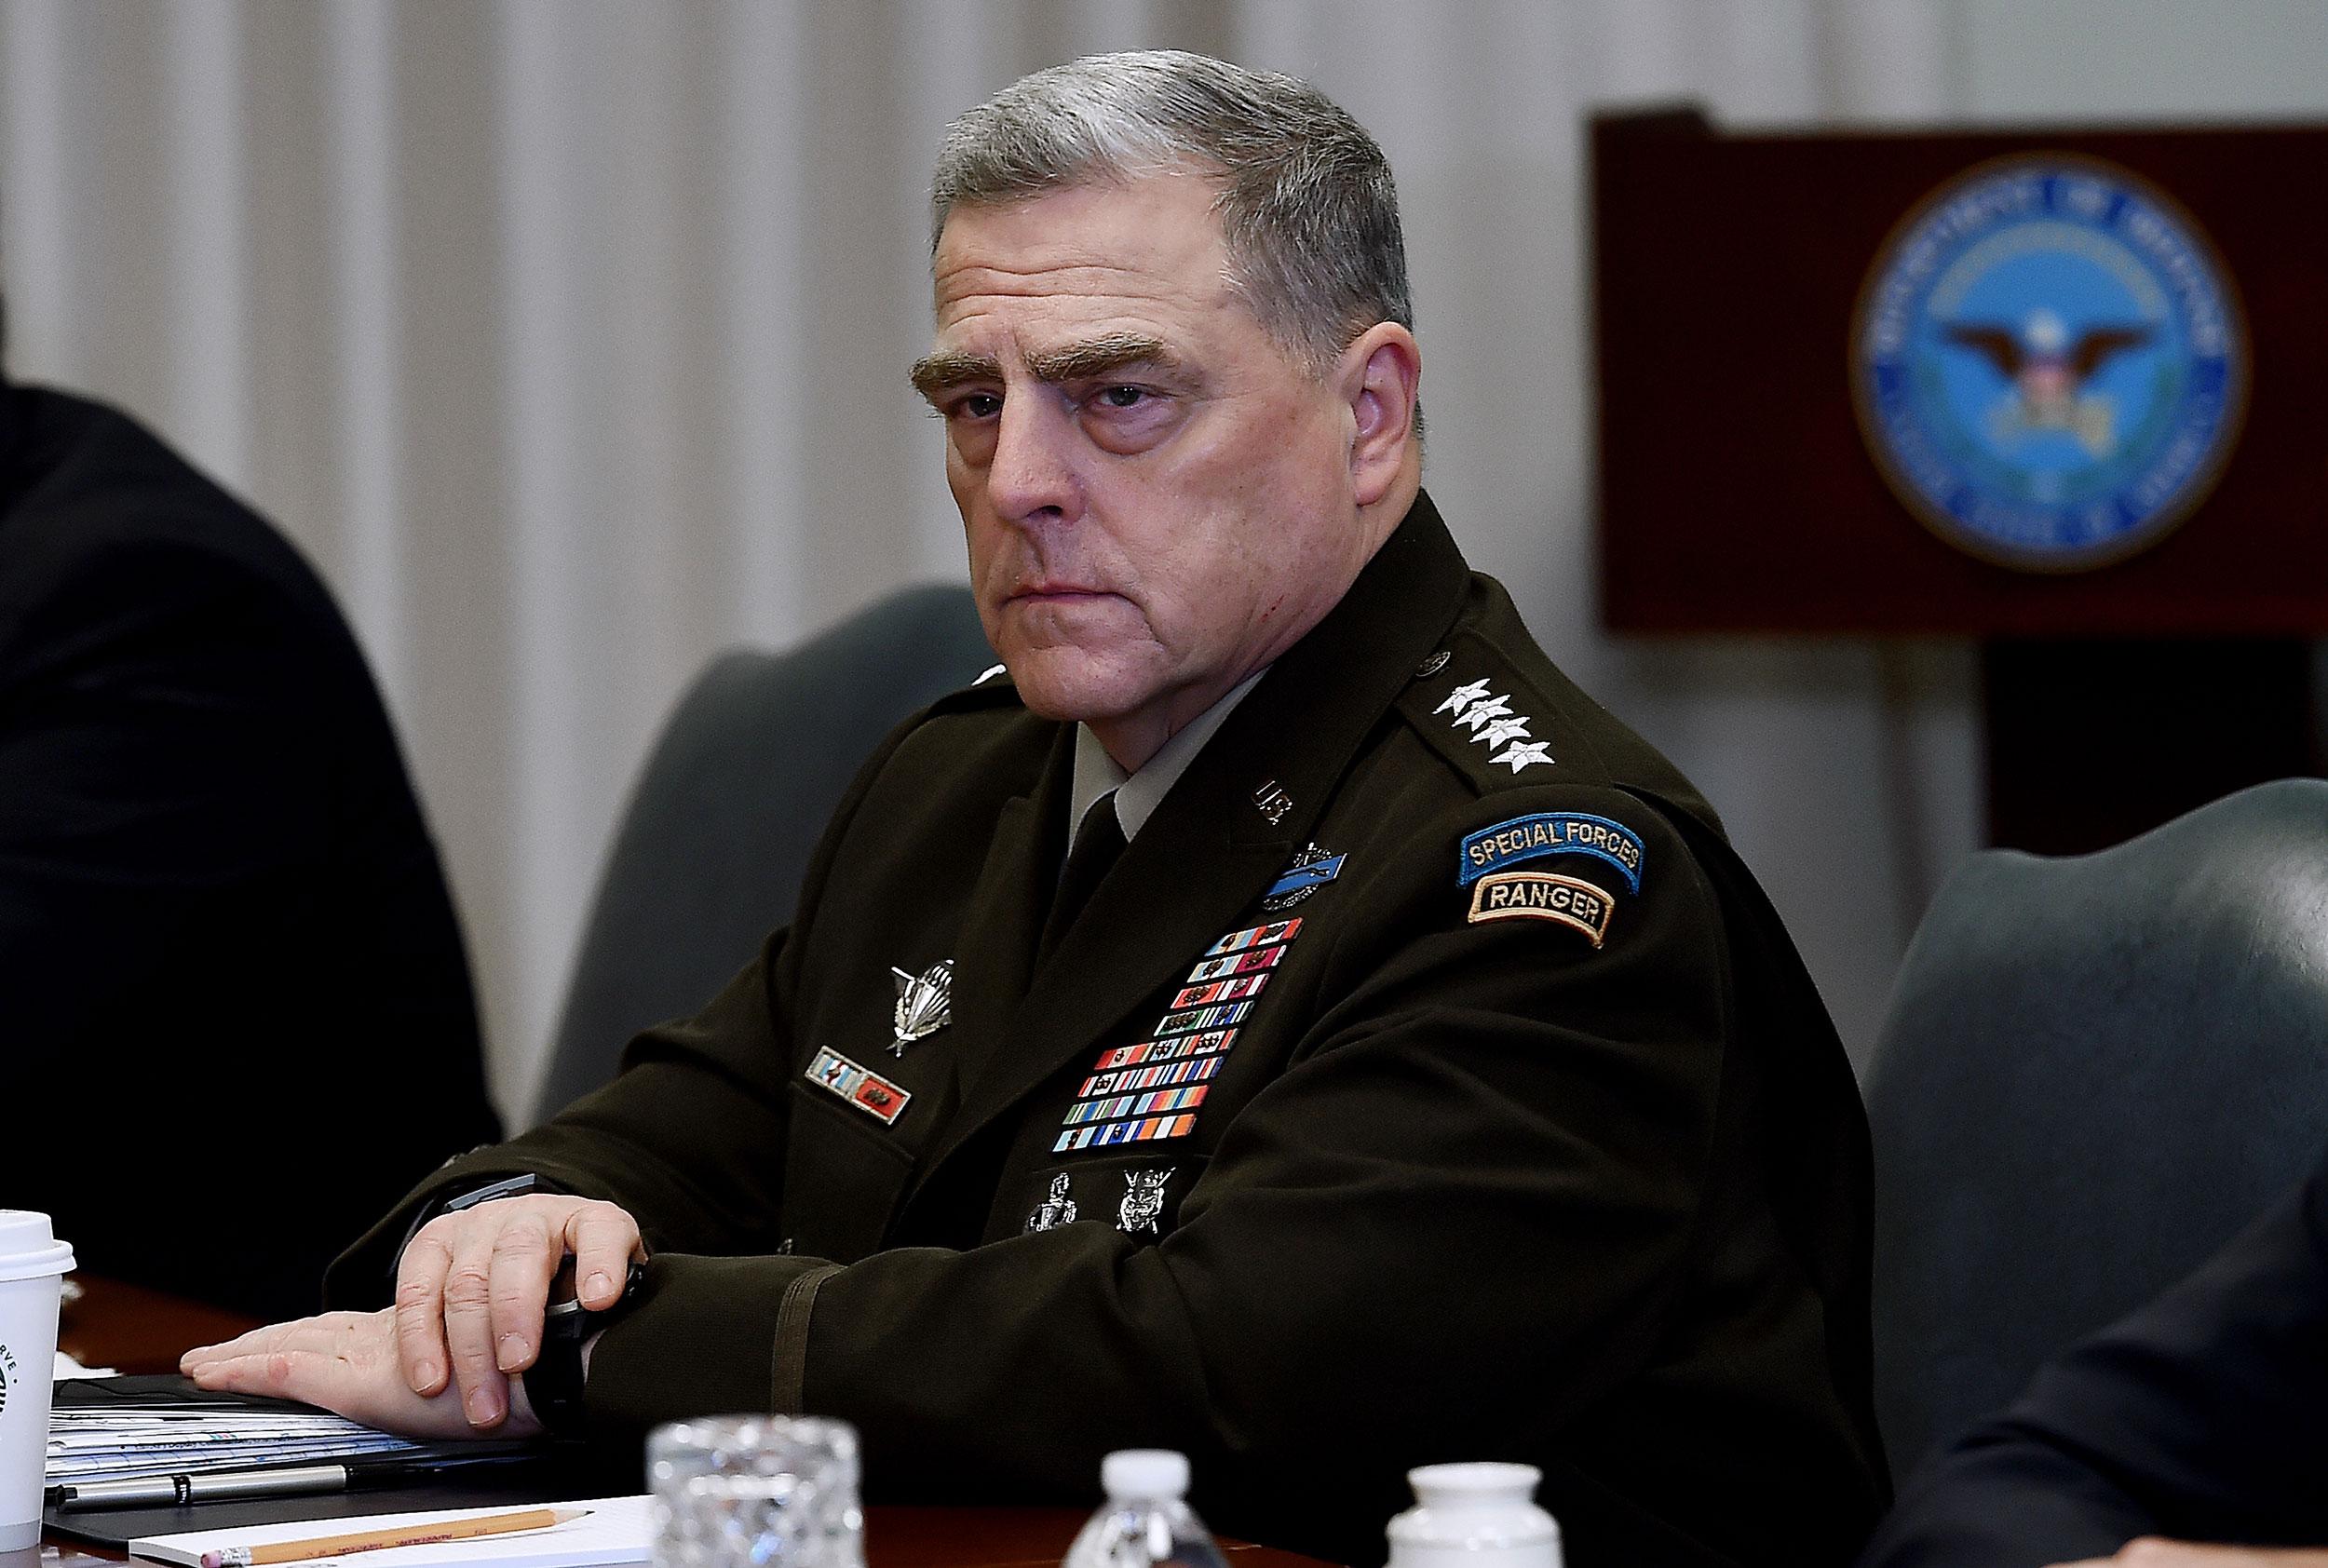 曾与新冠肺炎确诊患者接触 美军最高将领马克・米利正在隔离 等待检测结果